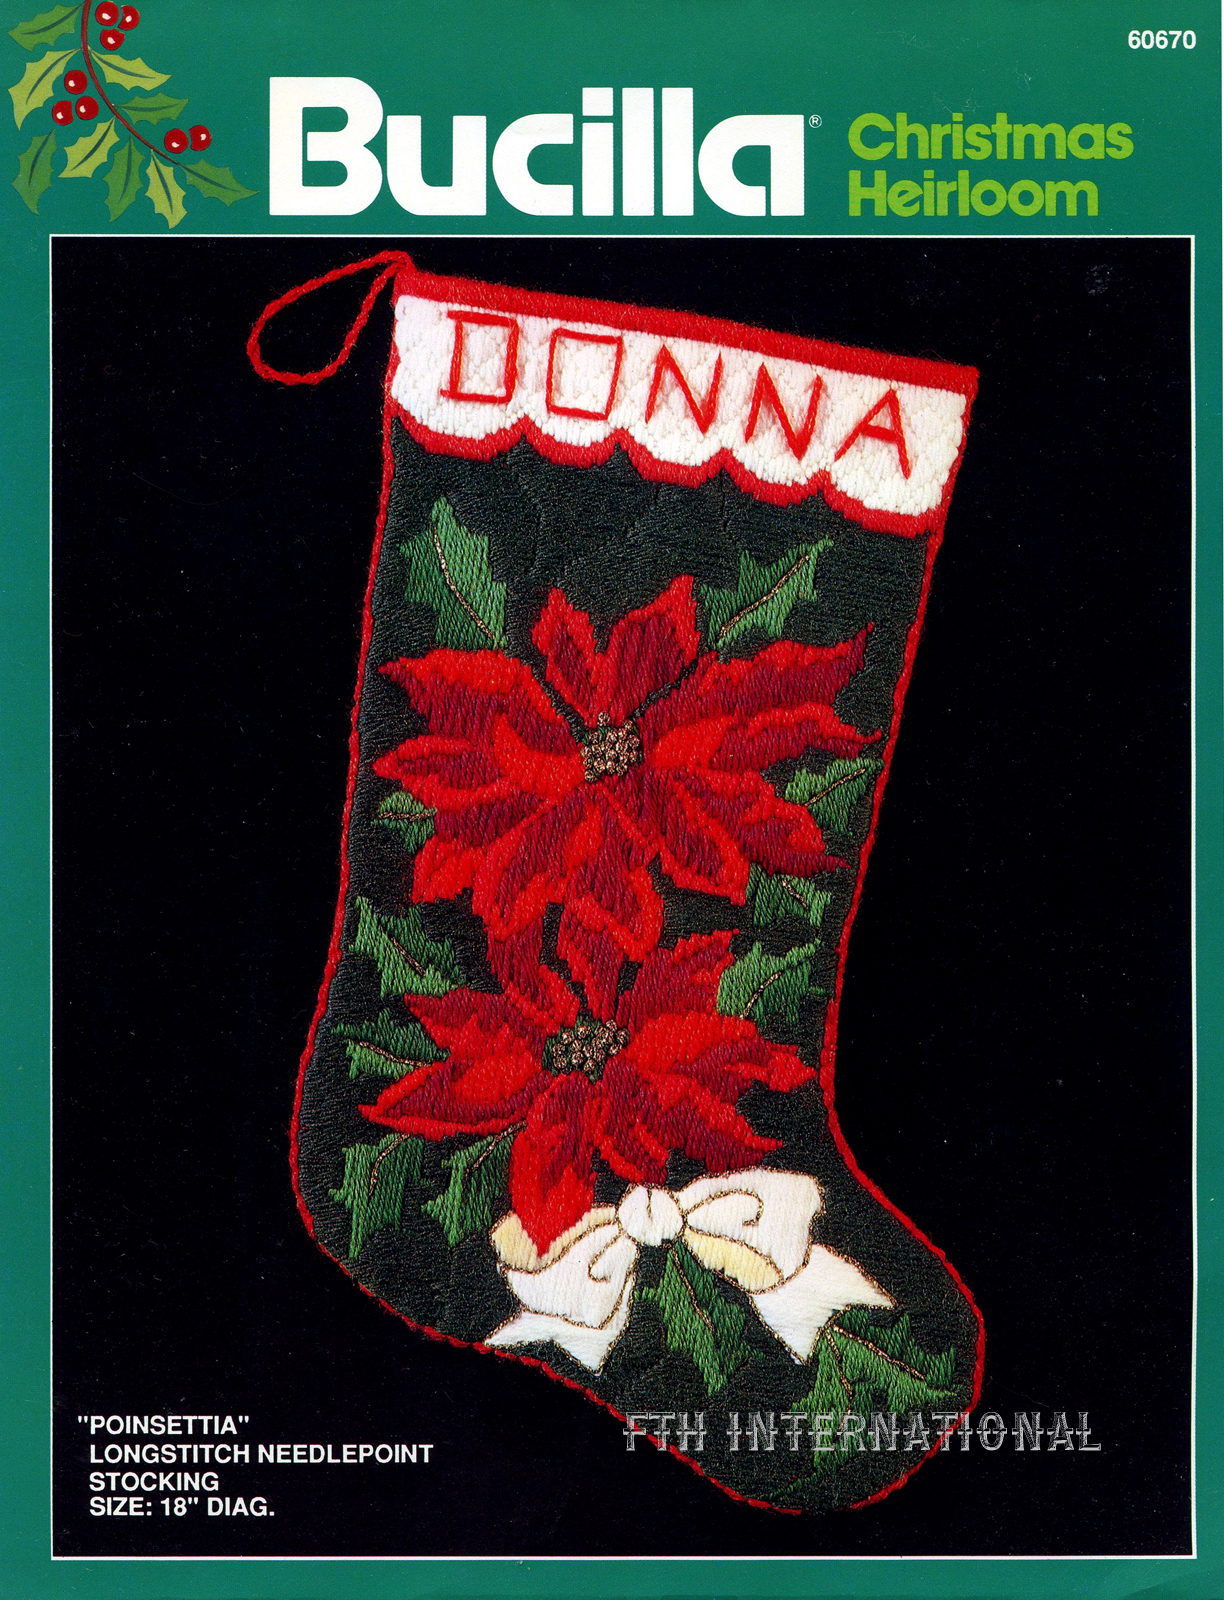 Needlepoint Christmas Stocking Kit.Poinsettia 18 Bucilla Longstitch Needlepoint Christmas Stocking Kit 60670